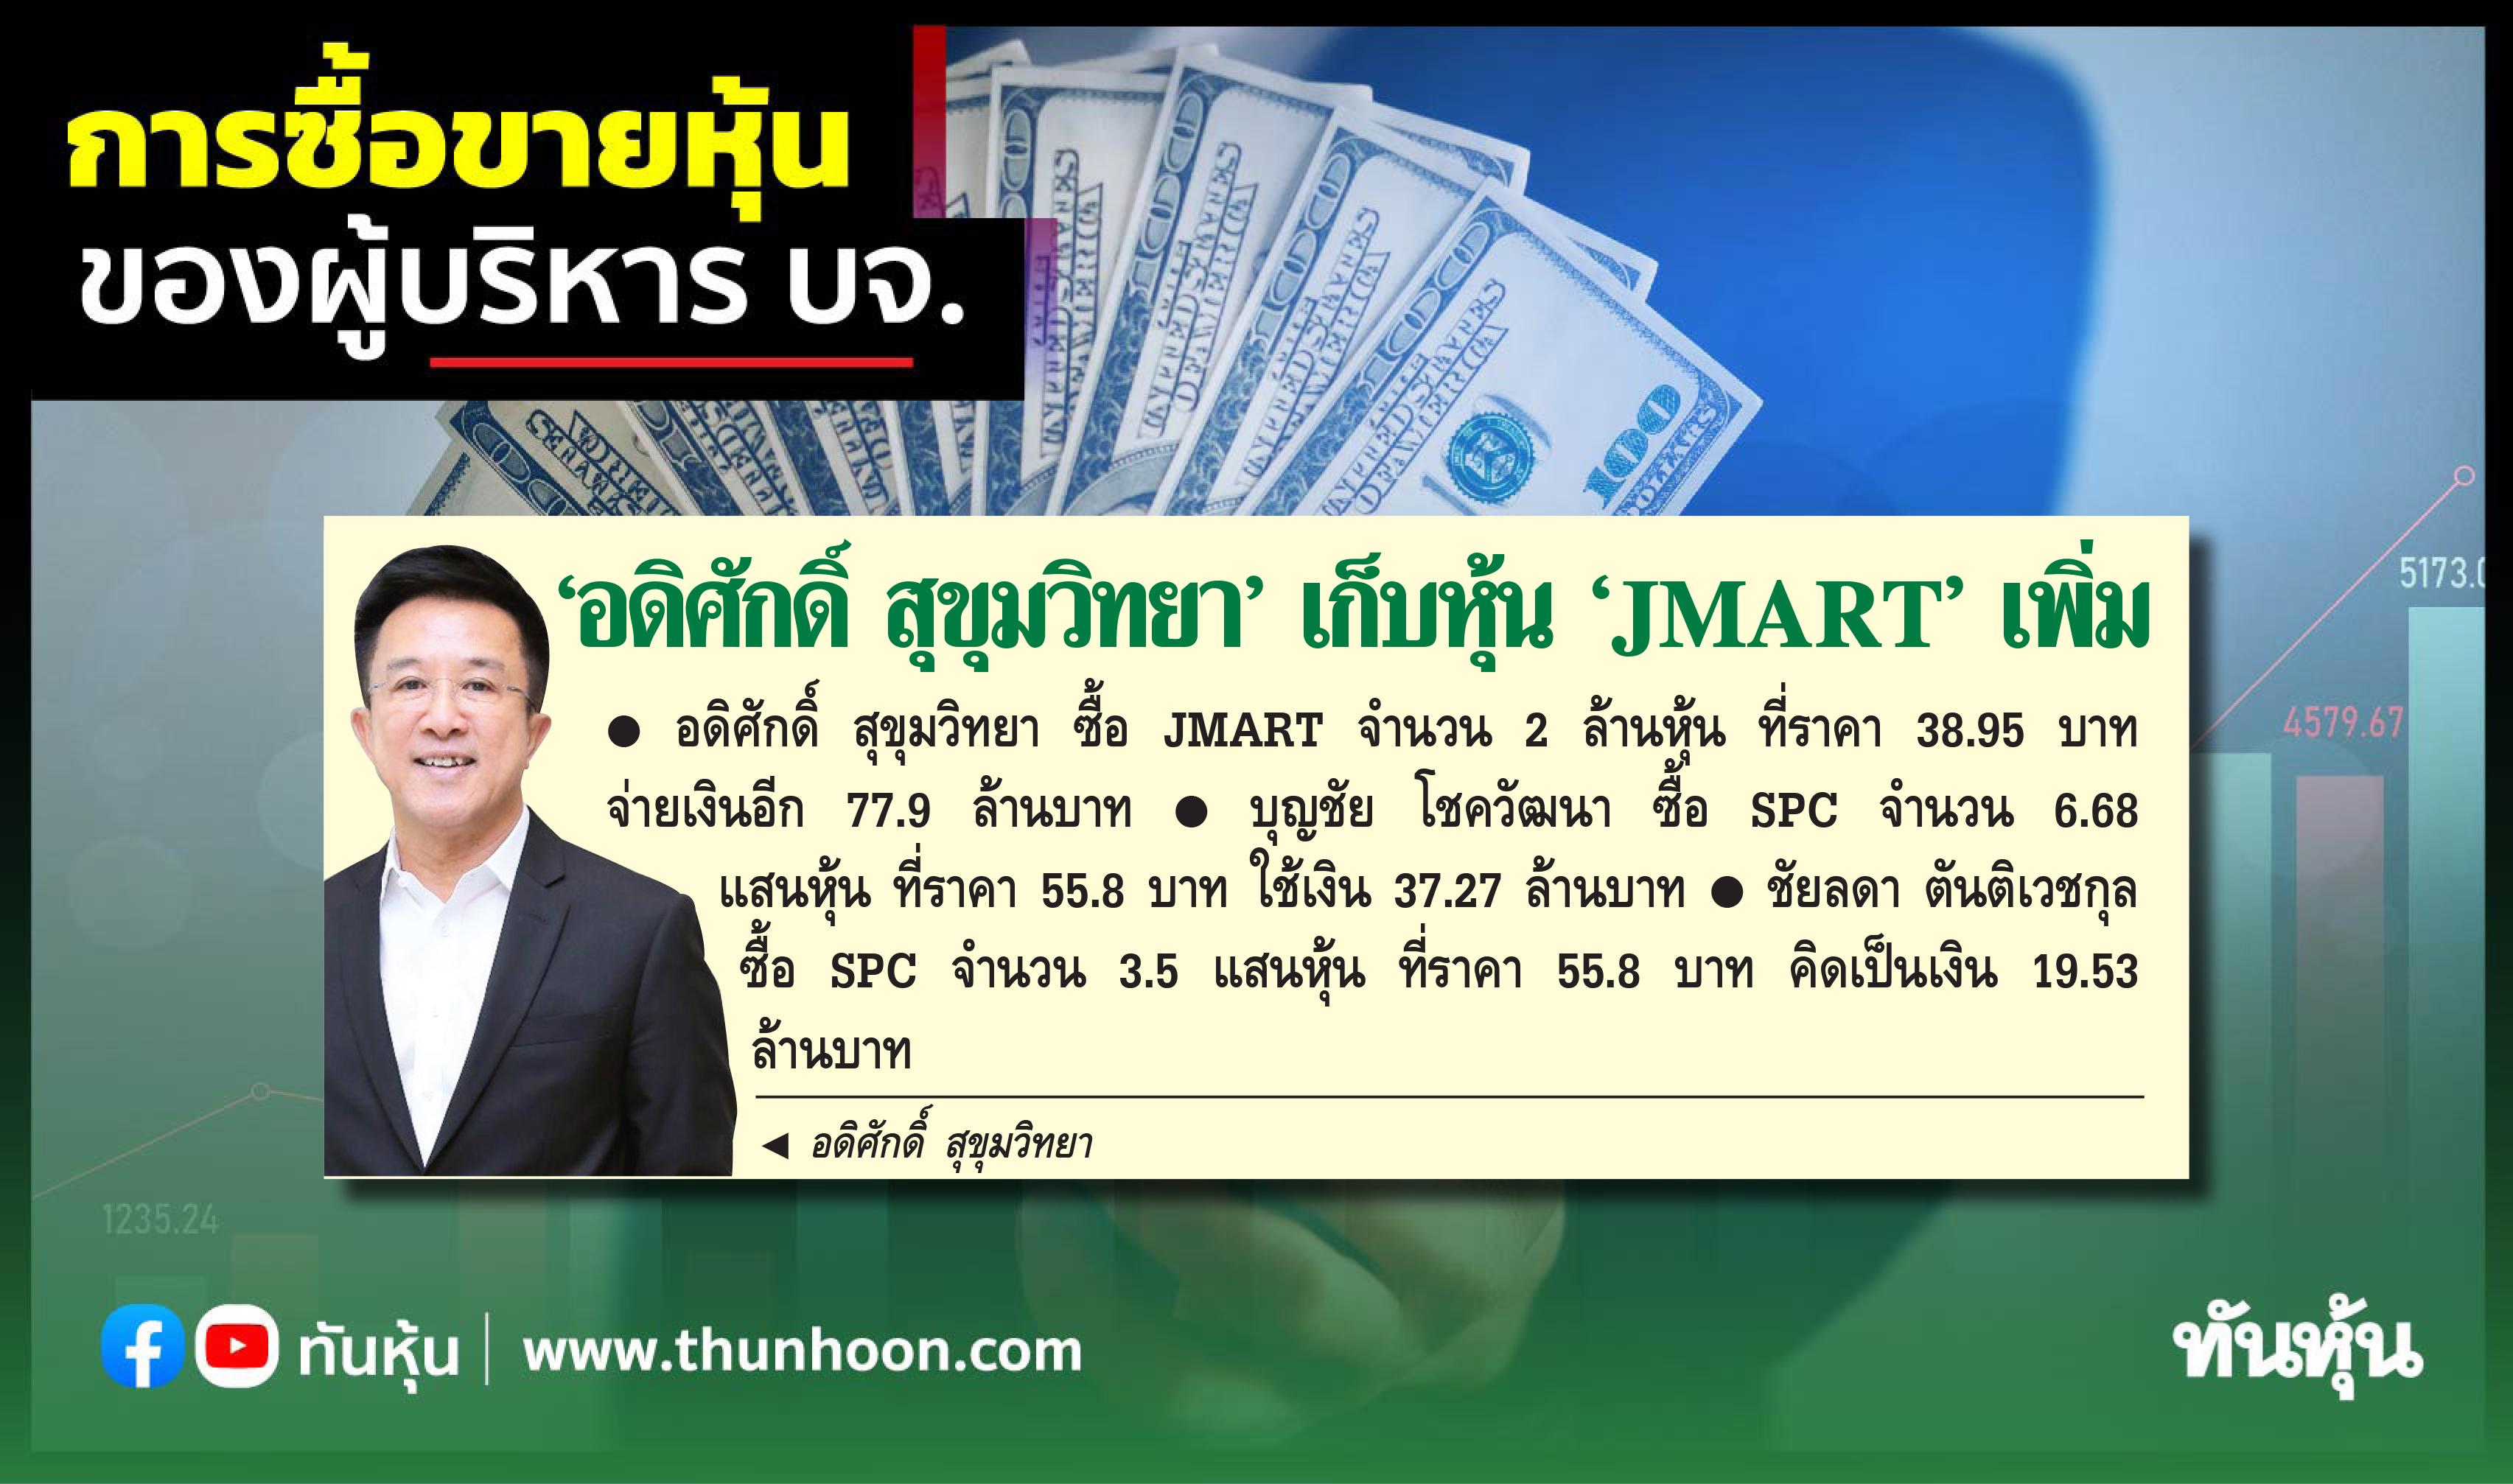 การซื้อขายหุ้นของผู้บริหาร บจ. ประจำวันที่ 28 ก.ย.2564